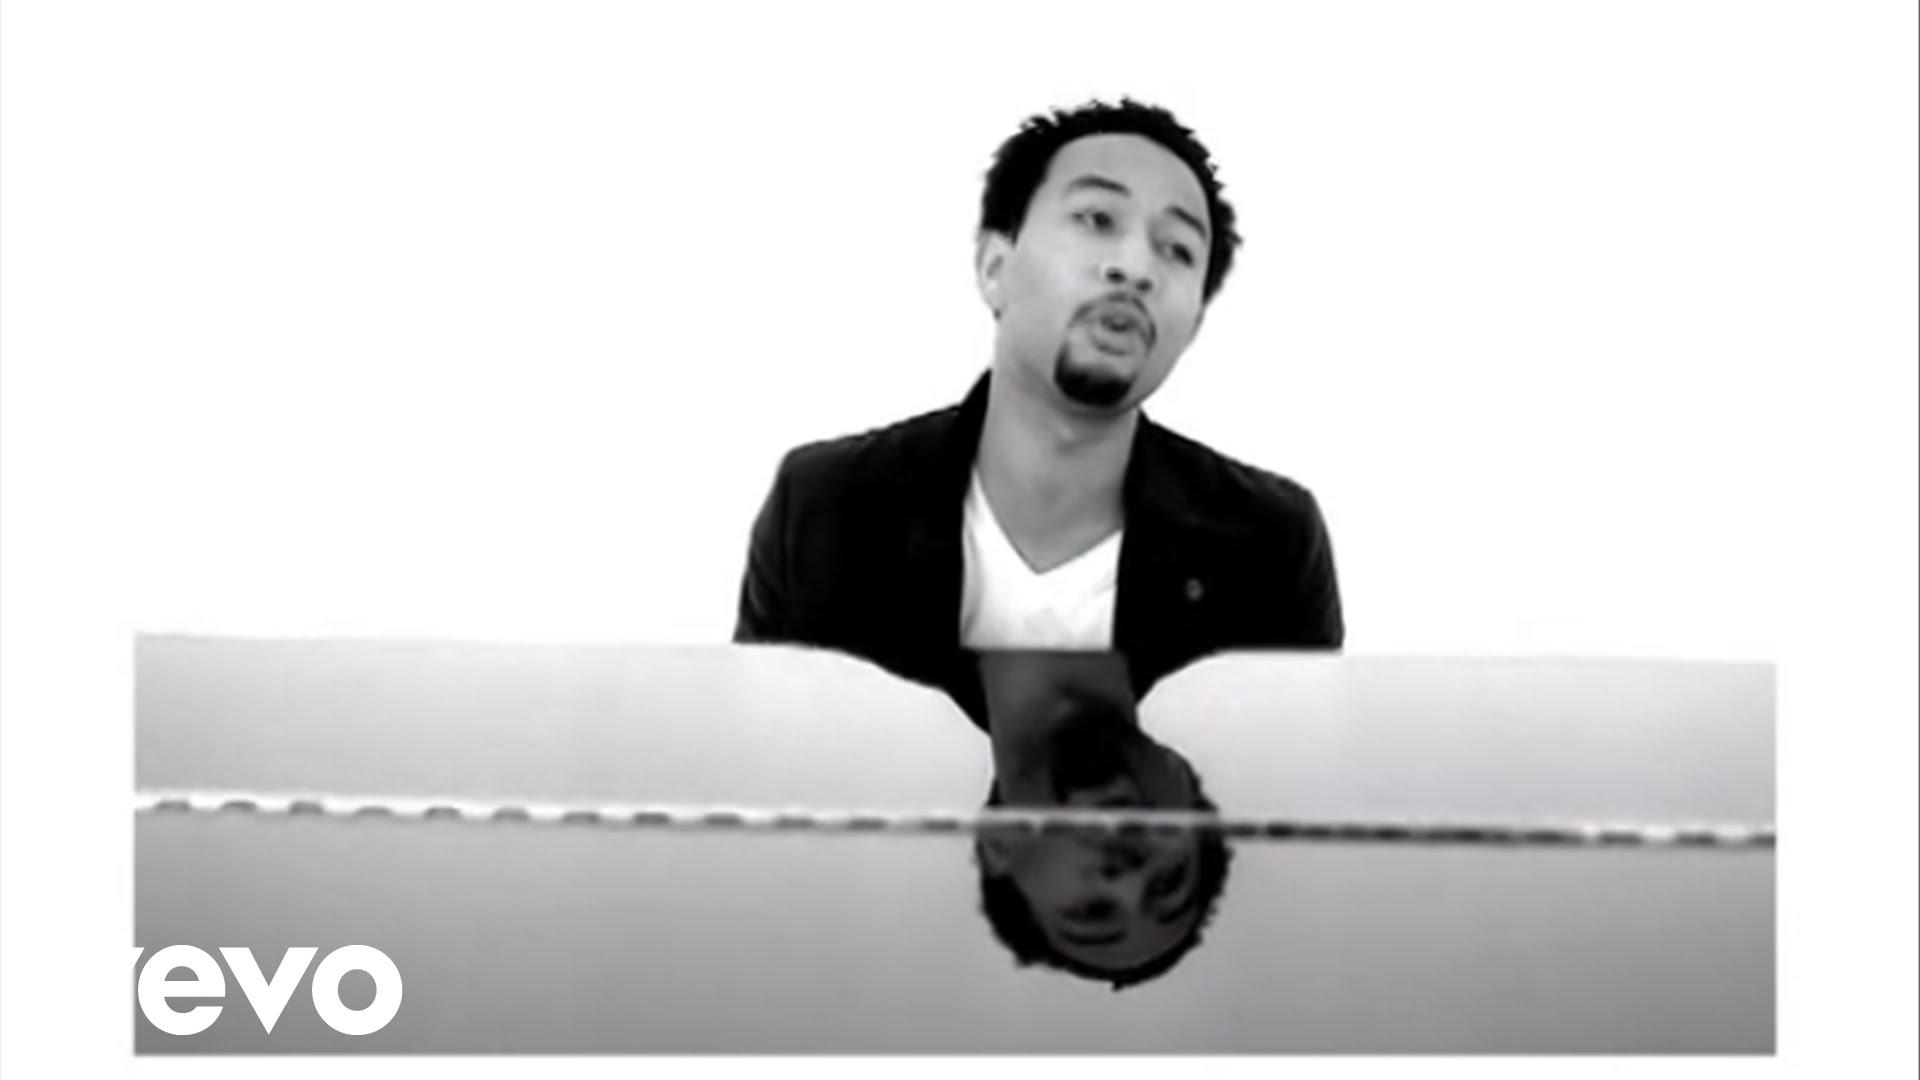 John Legendがアップカミングなアーティストたちへアドバイス。人生の熱意とアウトプットし続けることの重要性